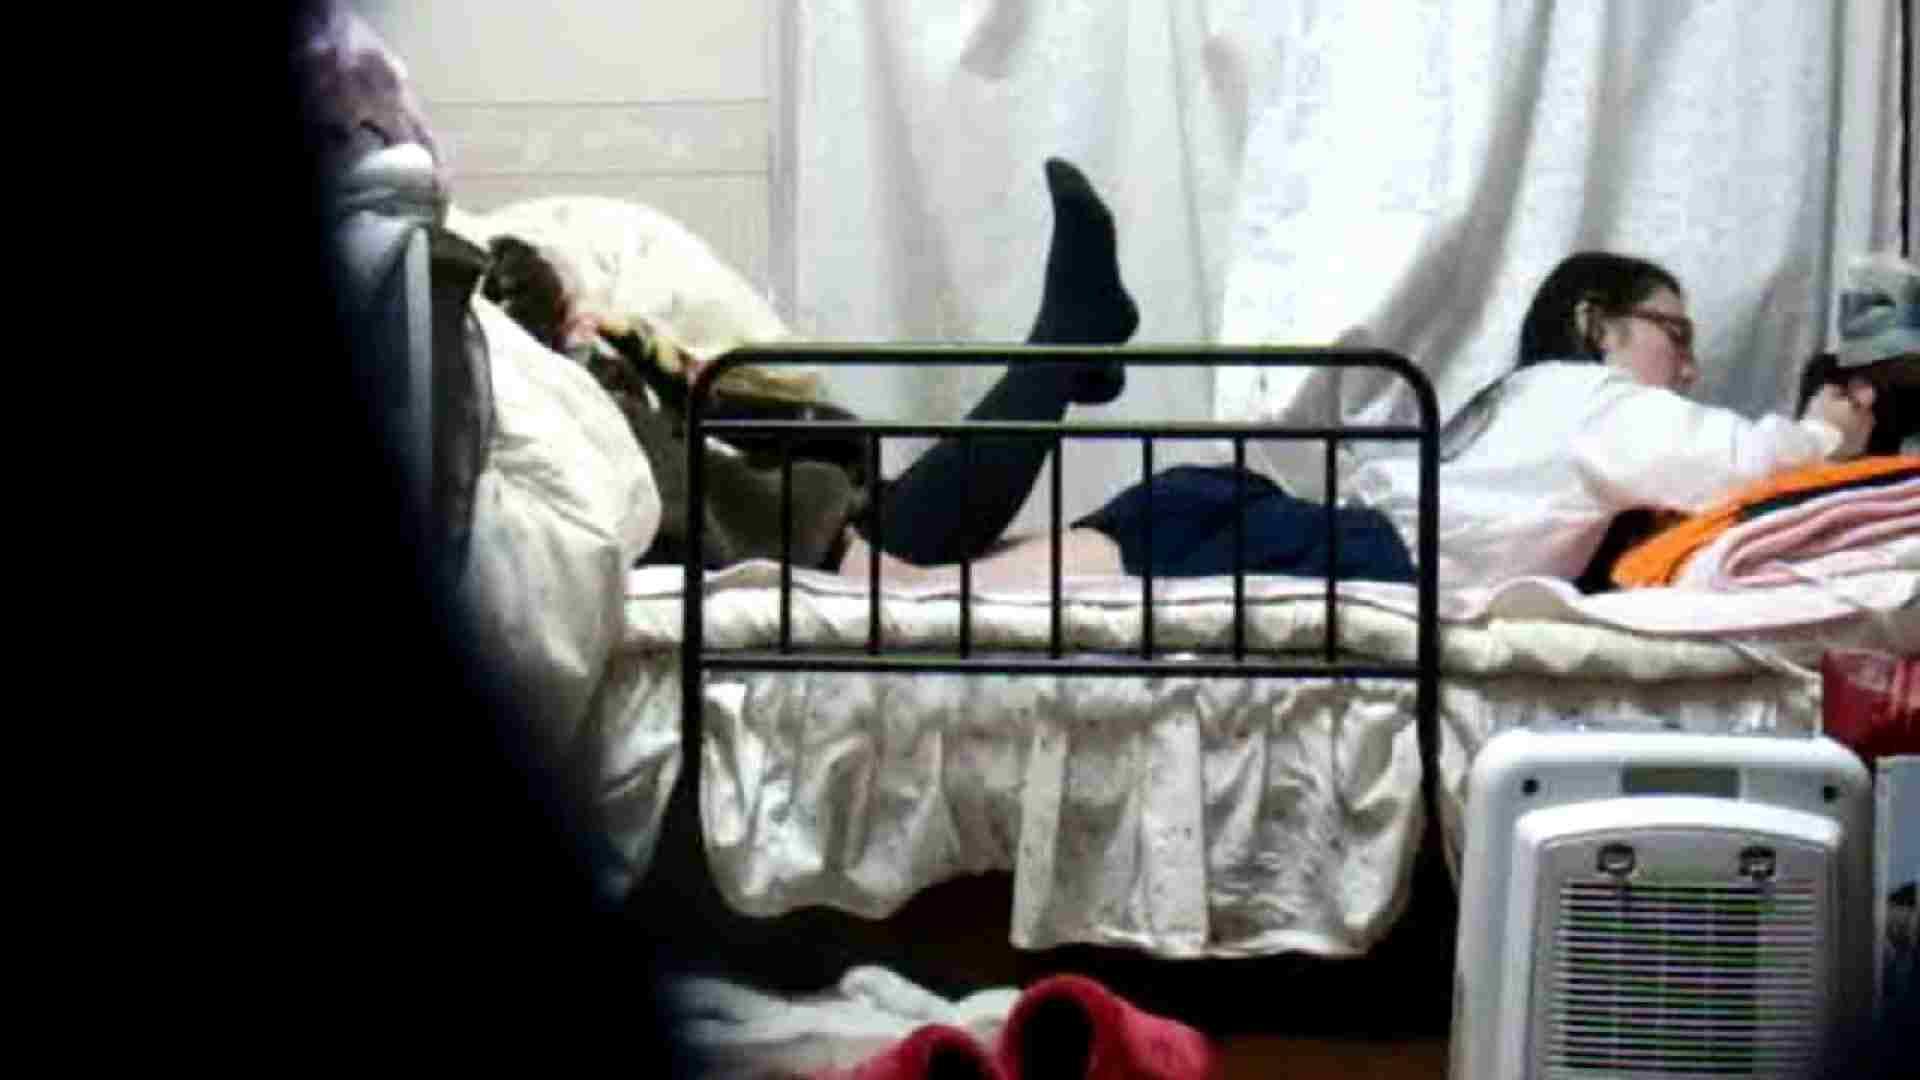 vol.4 まどかの帰宅後の部屋、ベッドで何かが始まります。 ギャル攻め | オナニーシーン  100画像 1